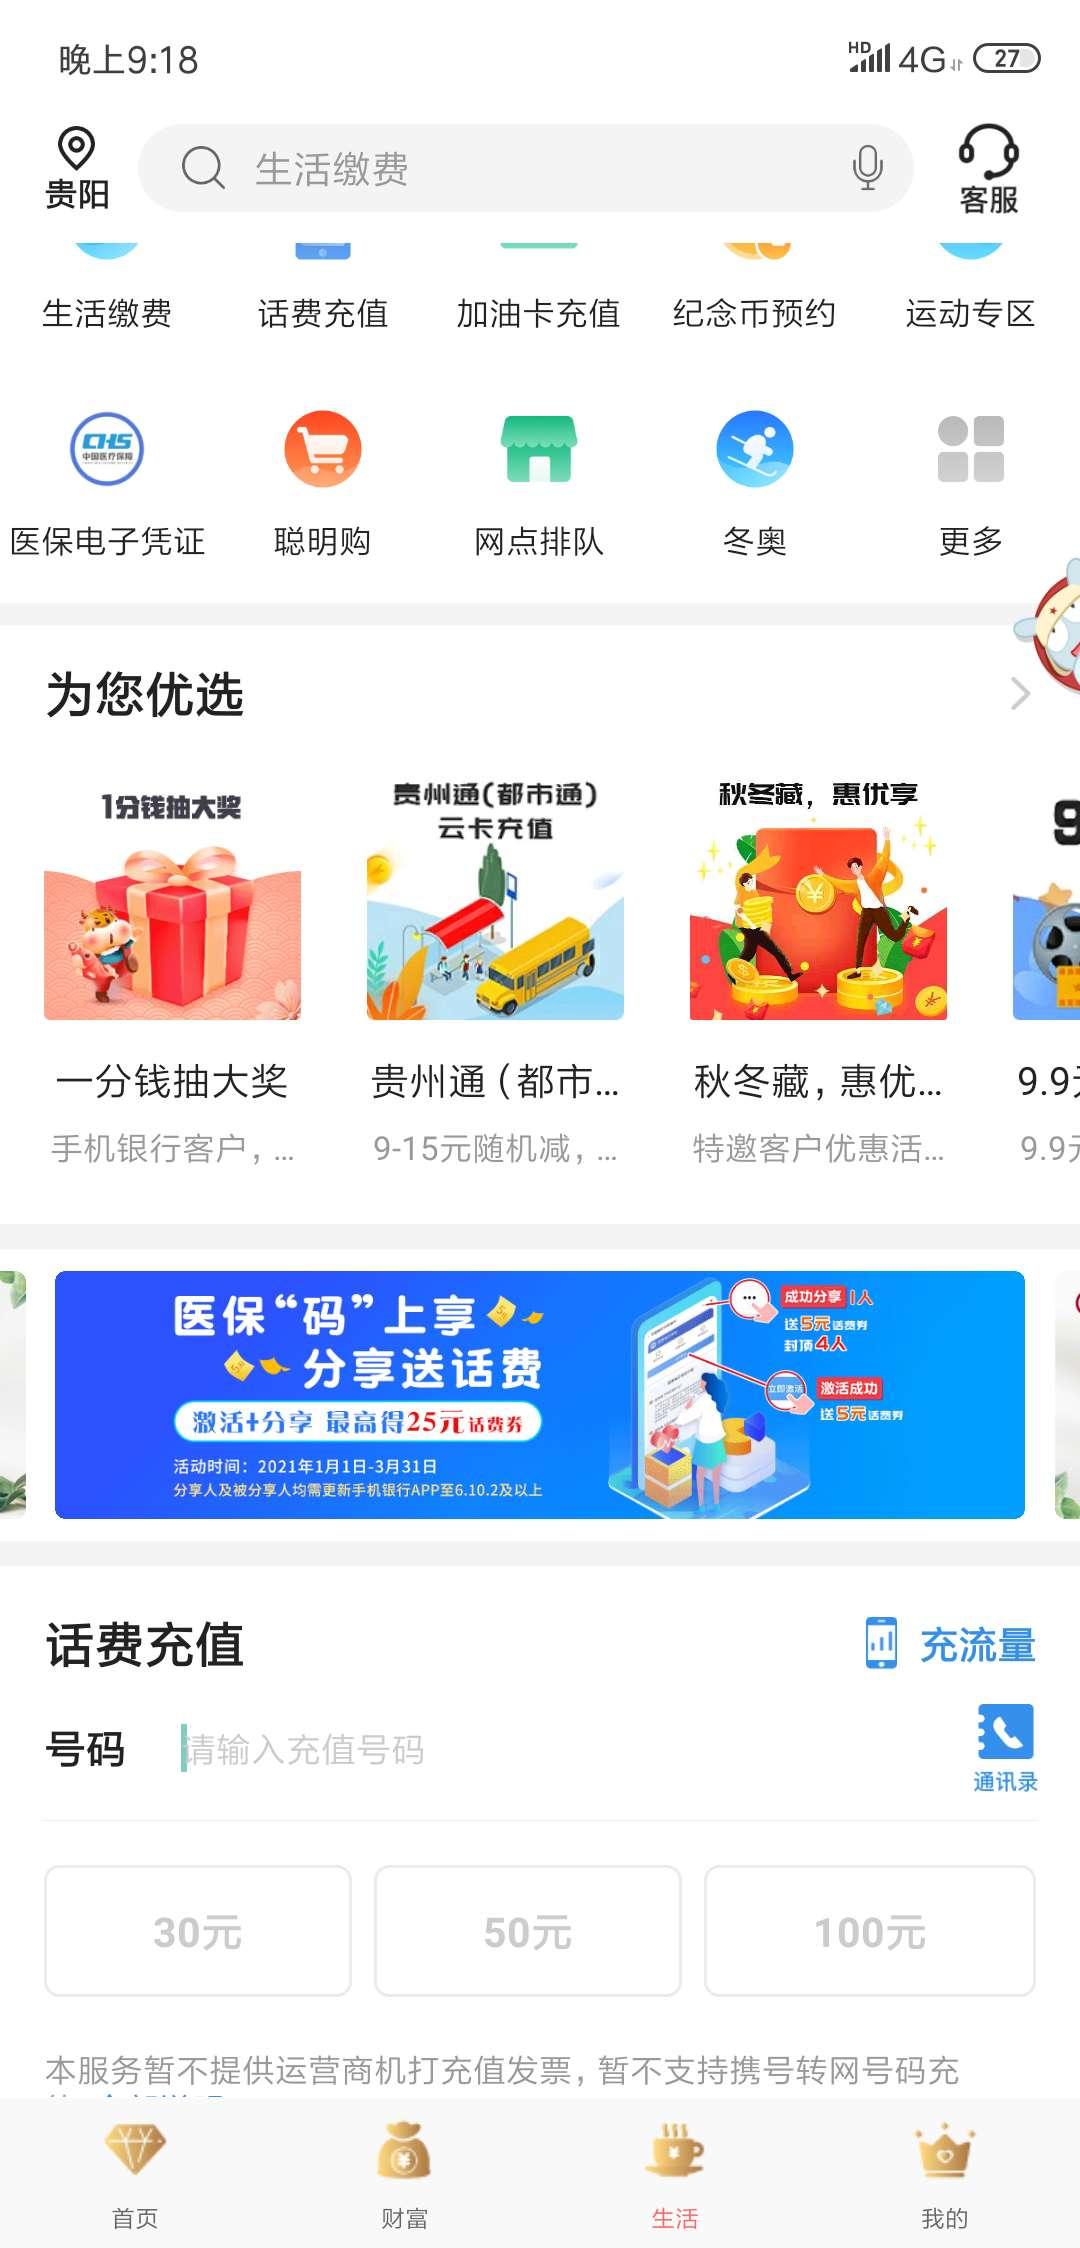 中国银行支付0.01抽话费卷插图